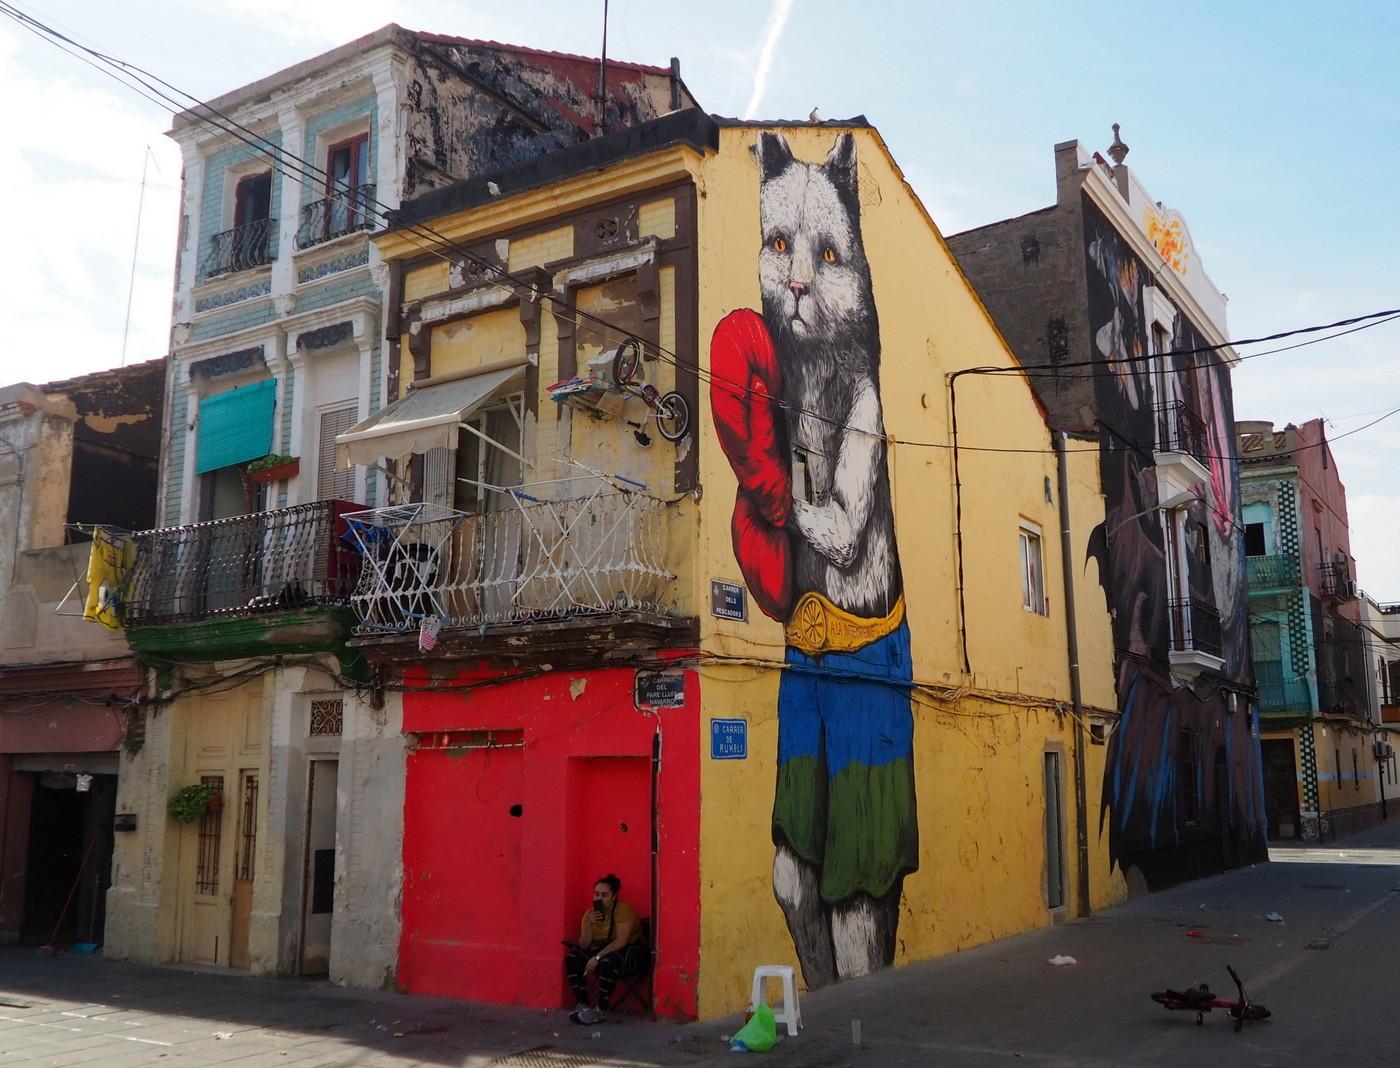 ericailcane mural el cabanyal valencia fresque murais muro festival arte urbano urban art spain old houses buenosairesstreetart.com